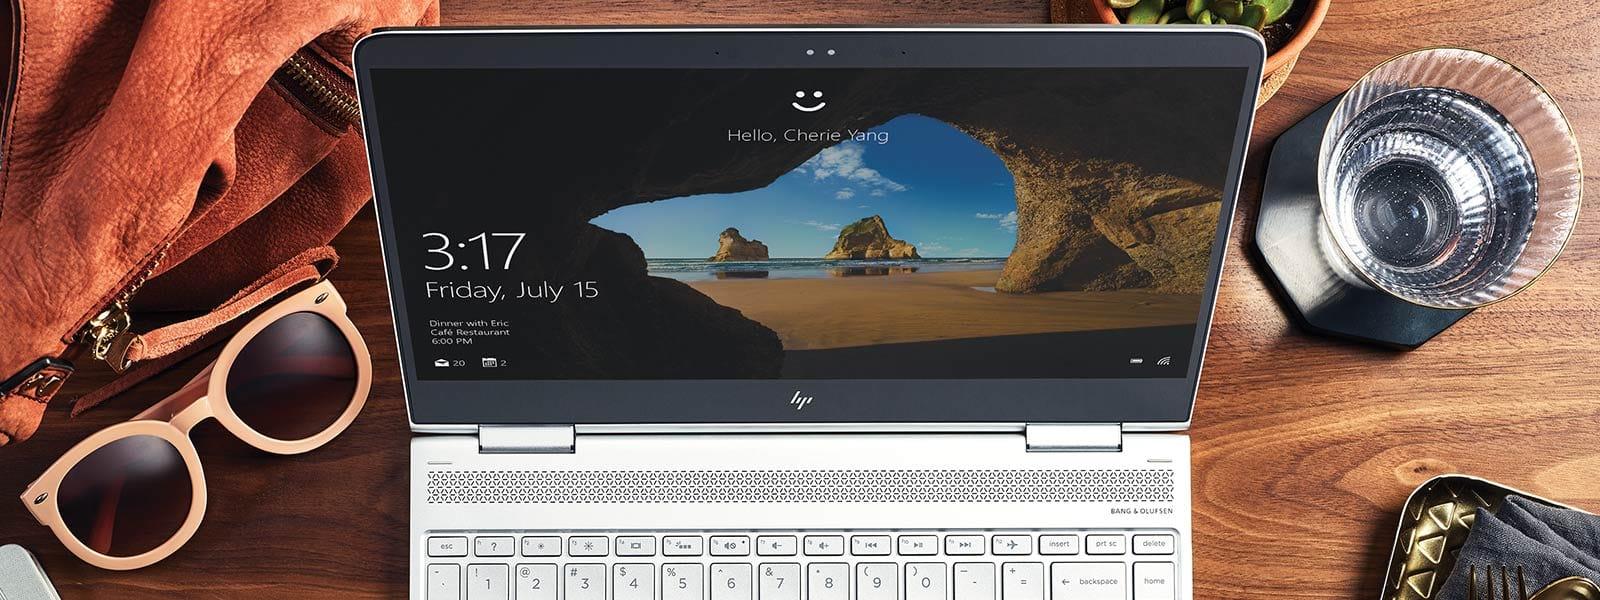 Windows 10 Startscherm op een modern apparaat.